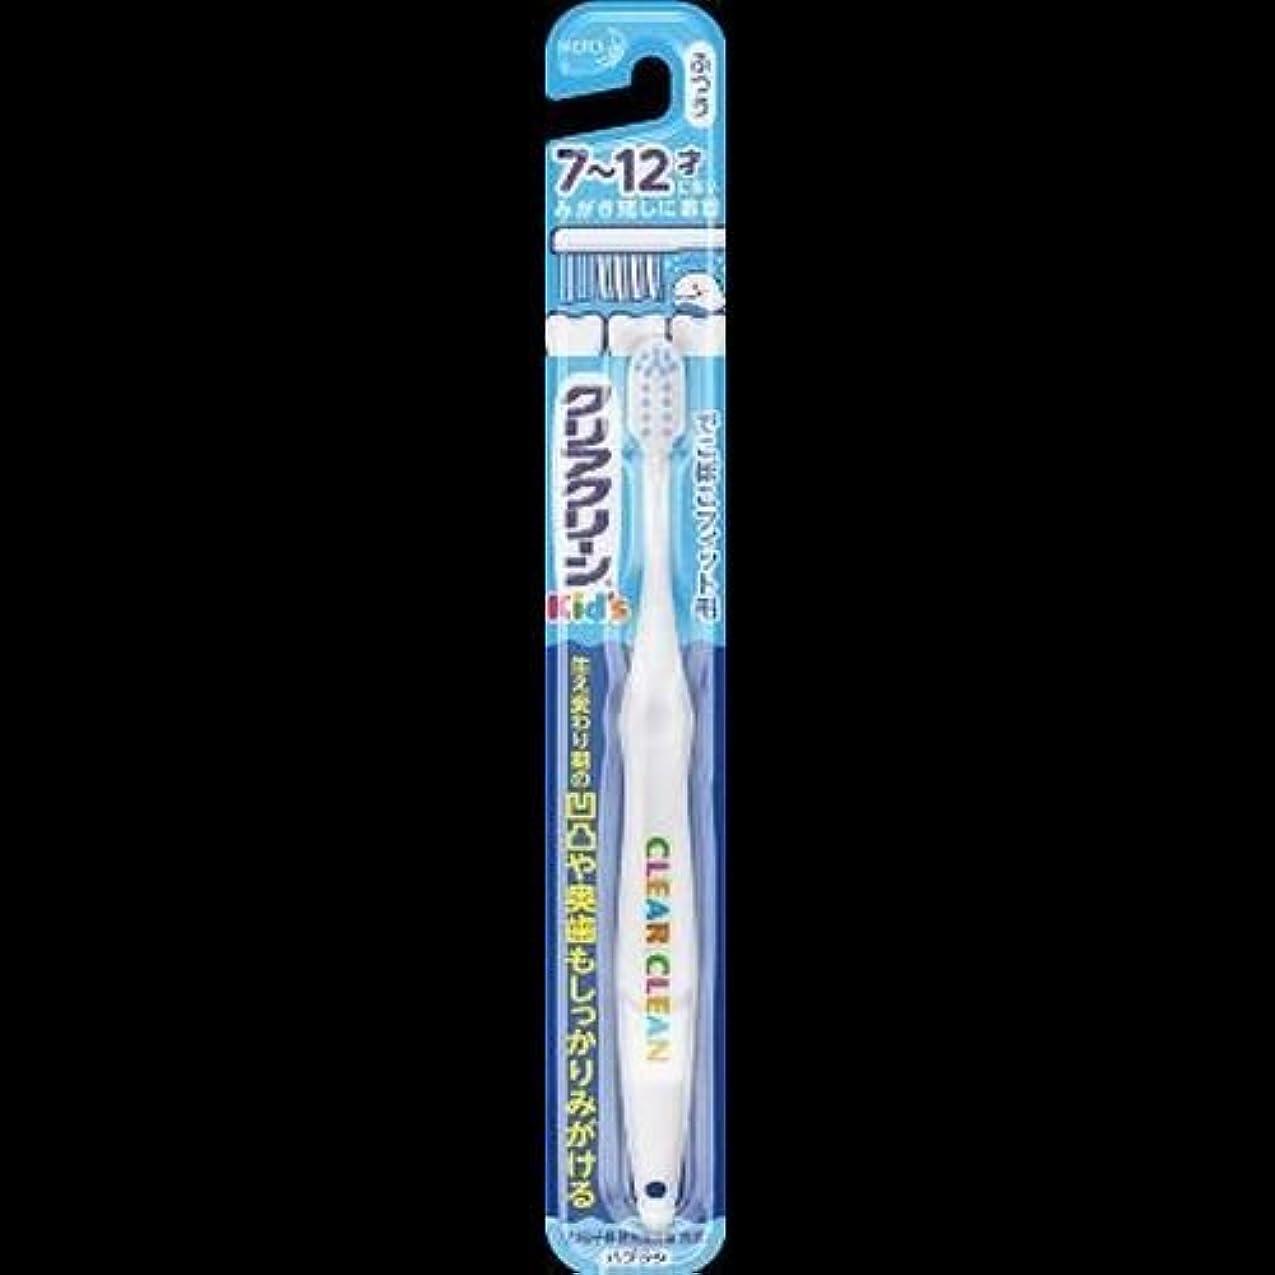 寄稿者標高アクセント【まとめ買い】クリアクリーン Kid's ハブラシ7~12才向け 1本 ×2セット